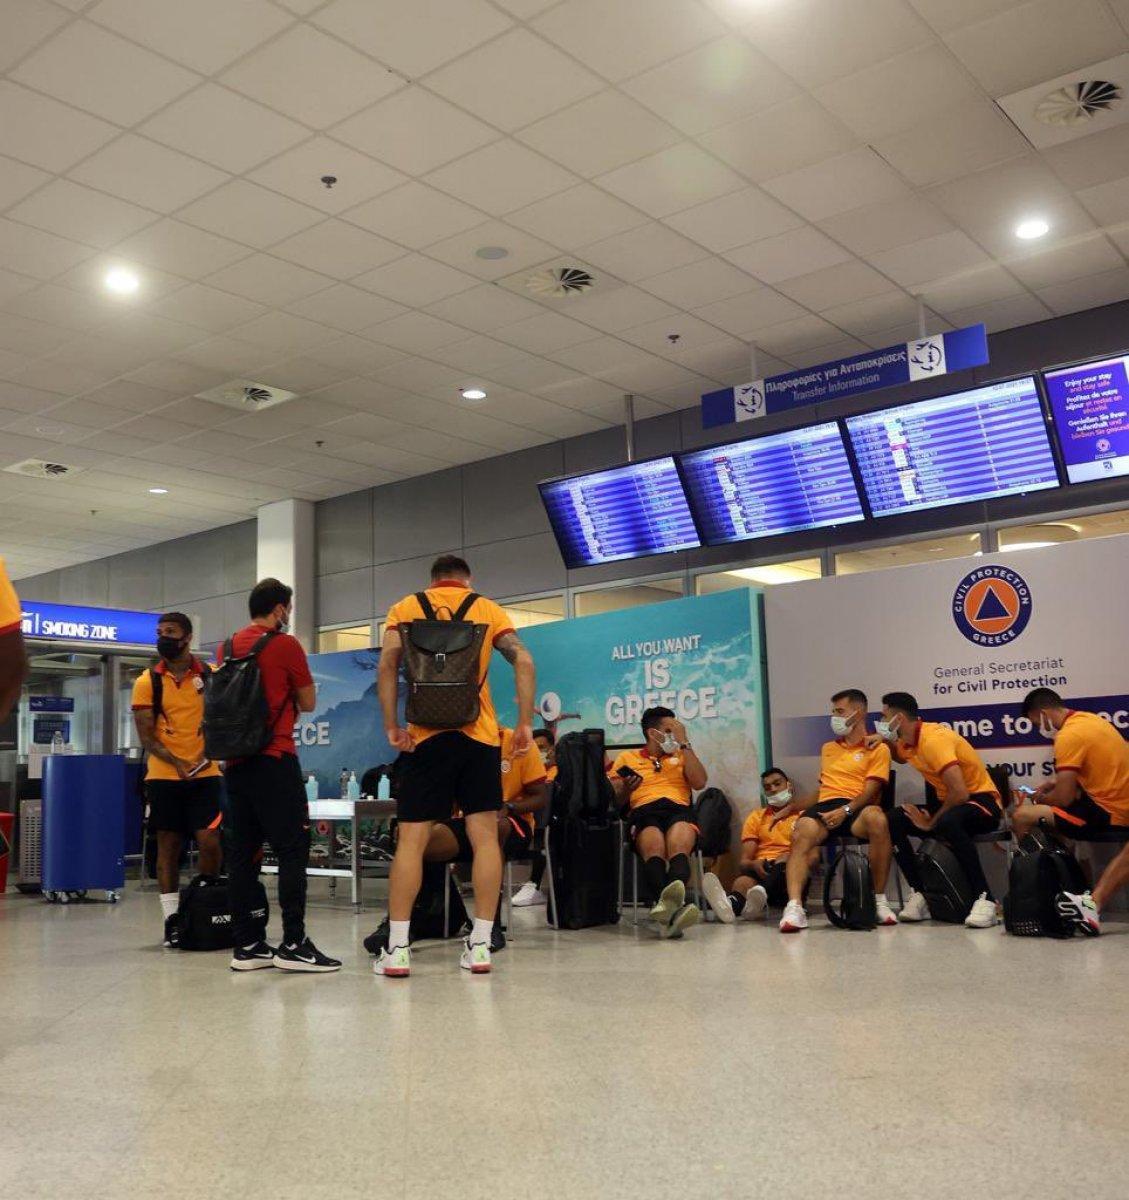 Yunanistan da Galatasaray ı şaşkına çeviren tavır  #6